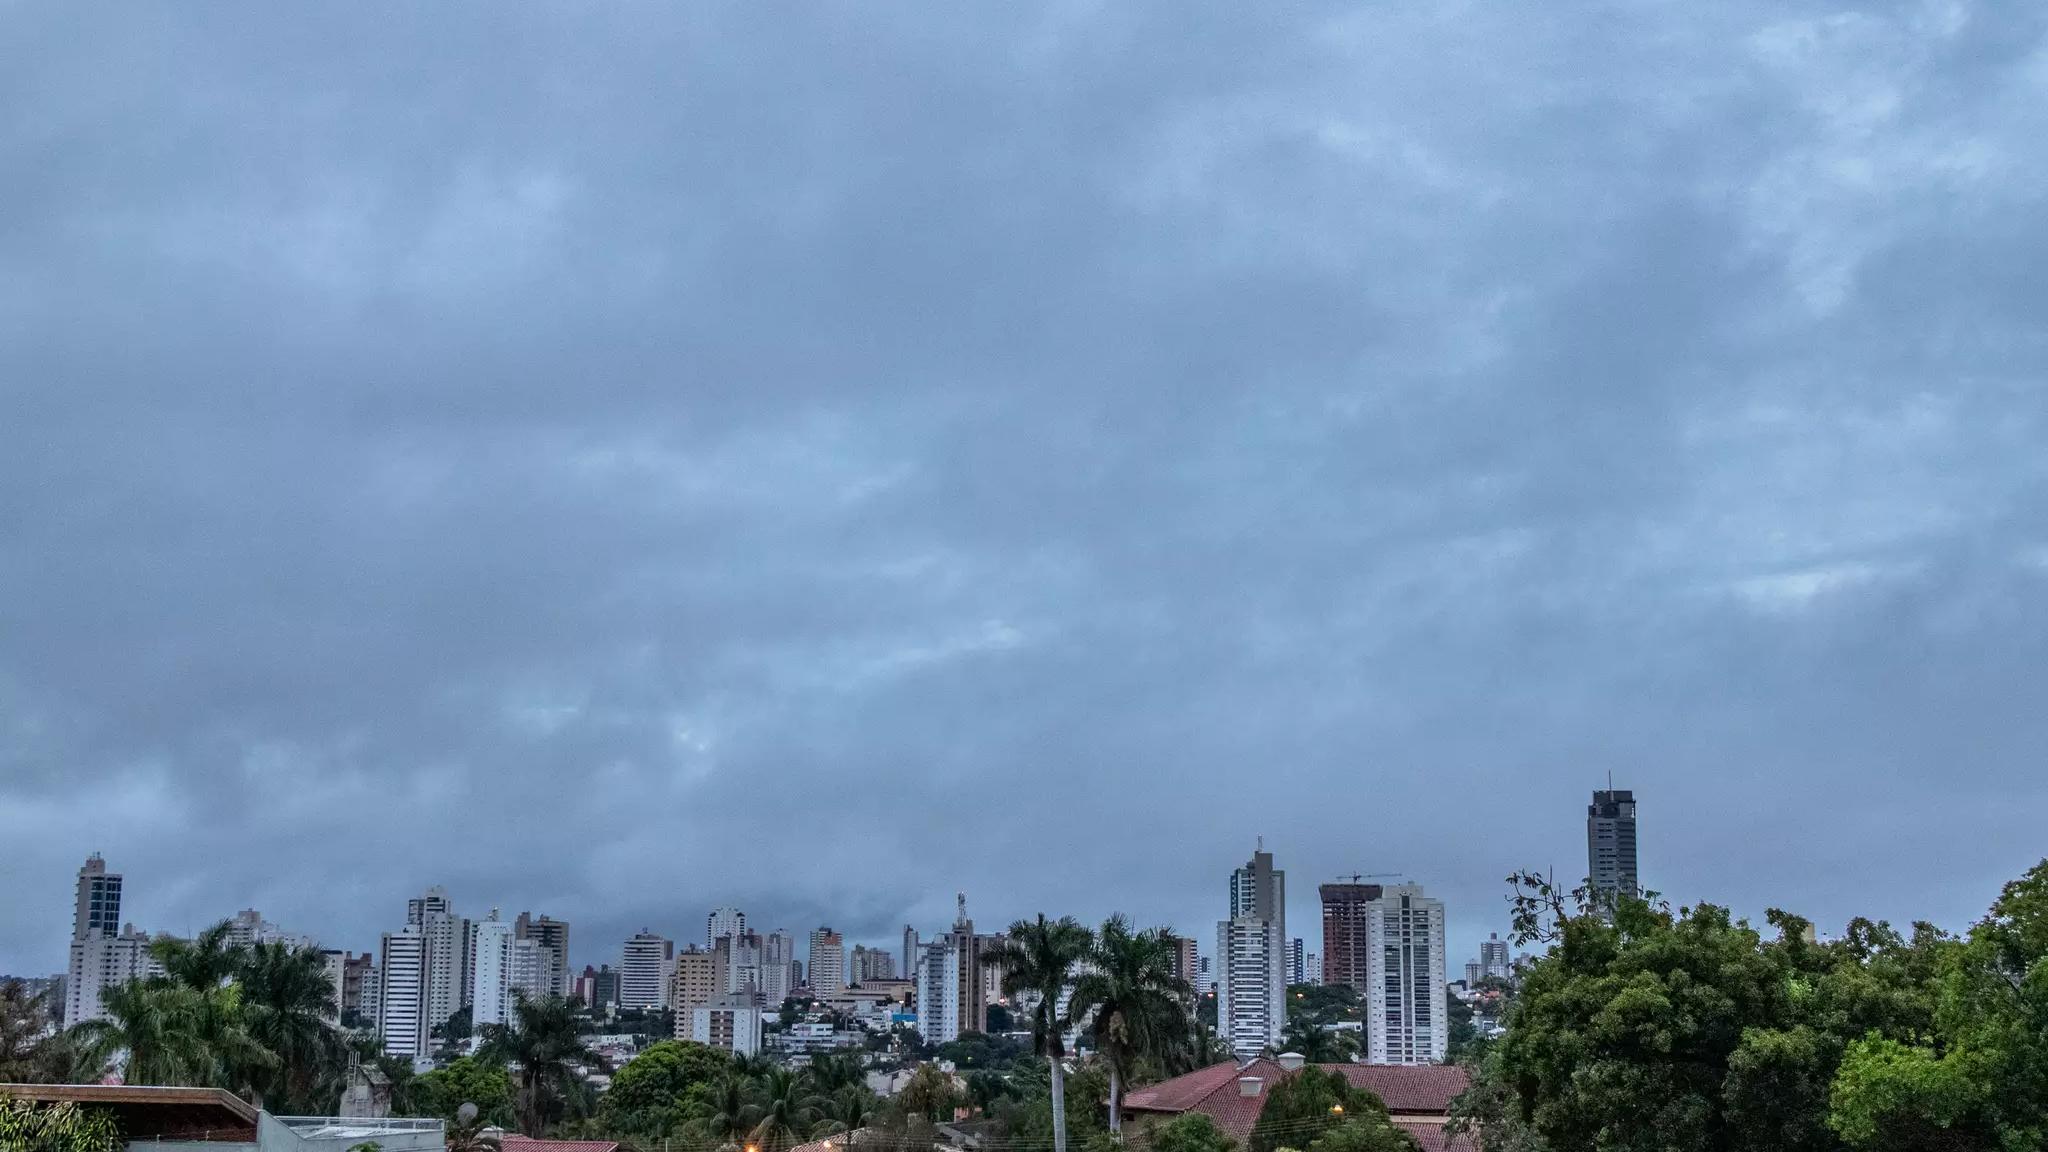 Céu amanheceu nublado na Capital e deve continuar assim (Foto: Henrique Kawaminami)